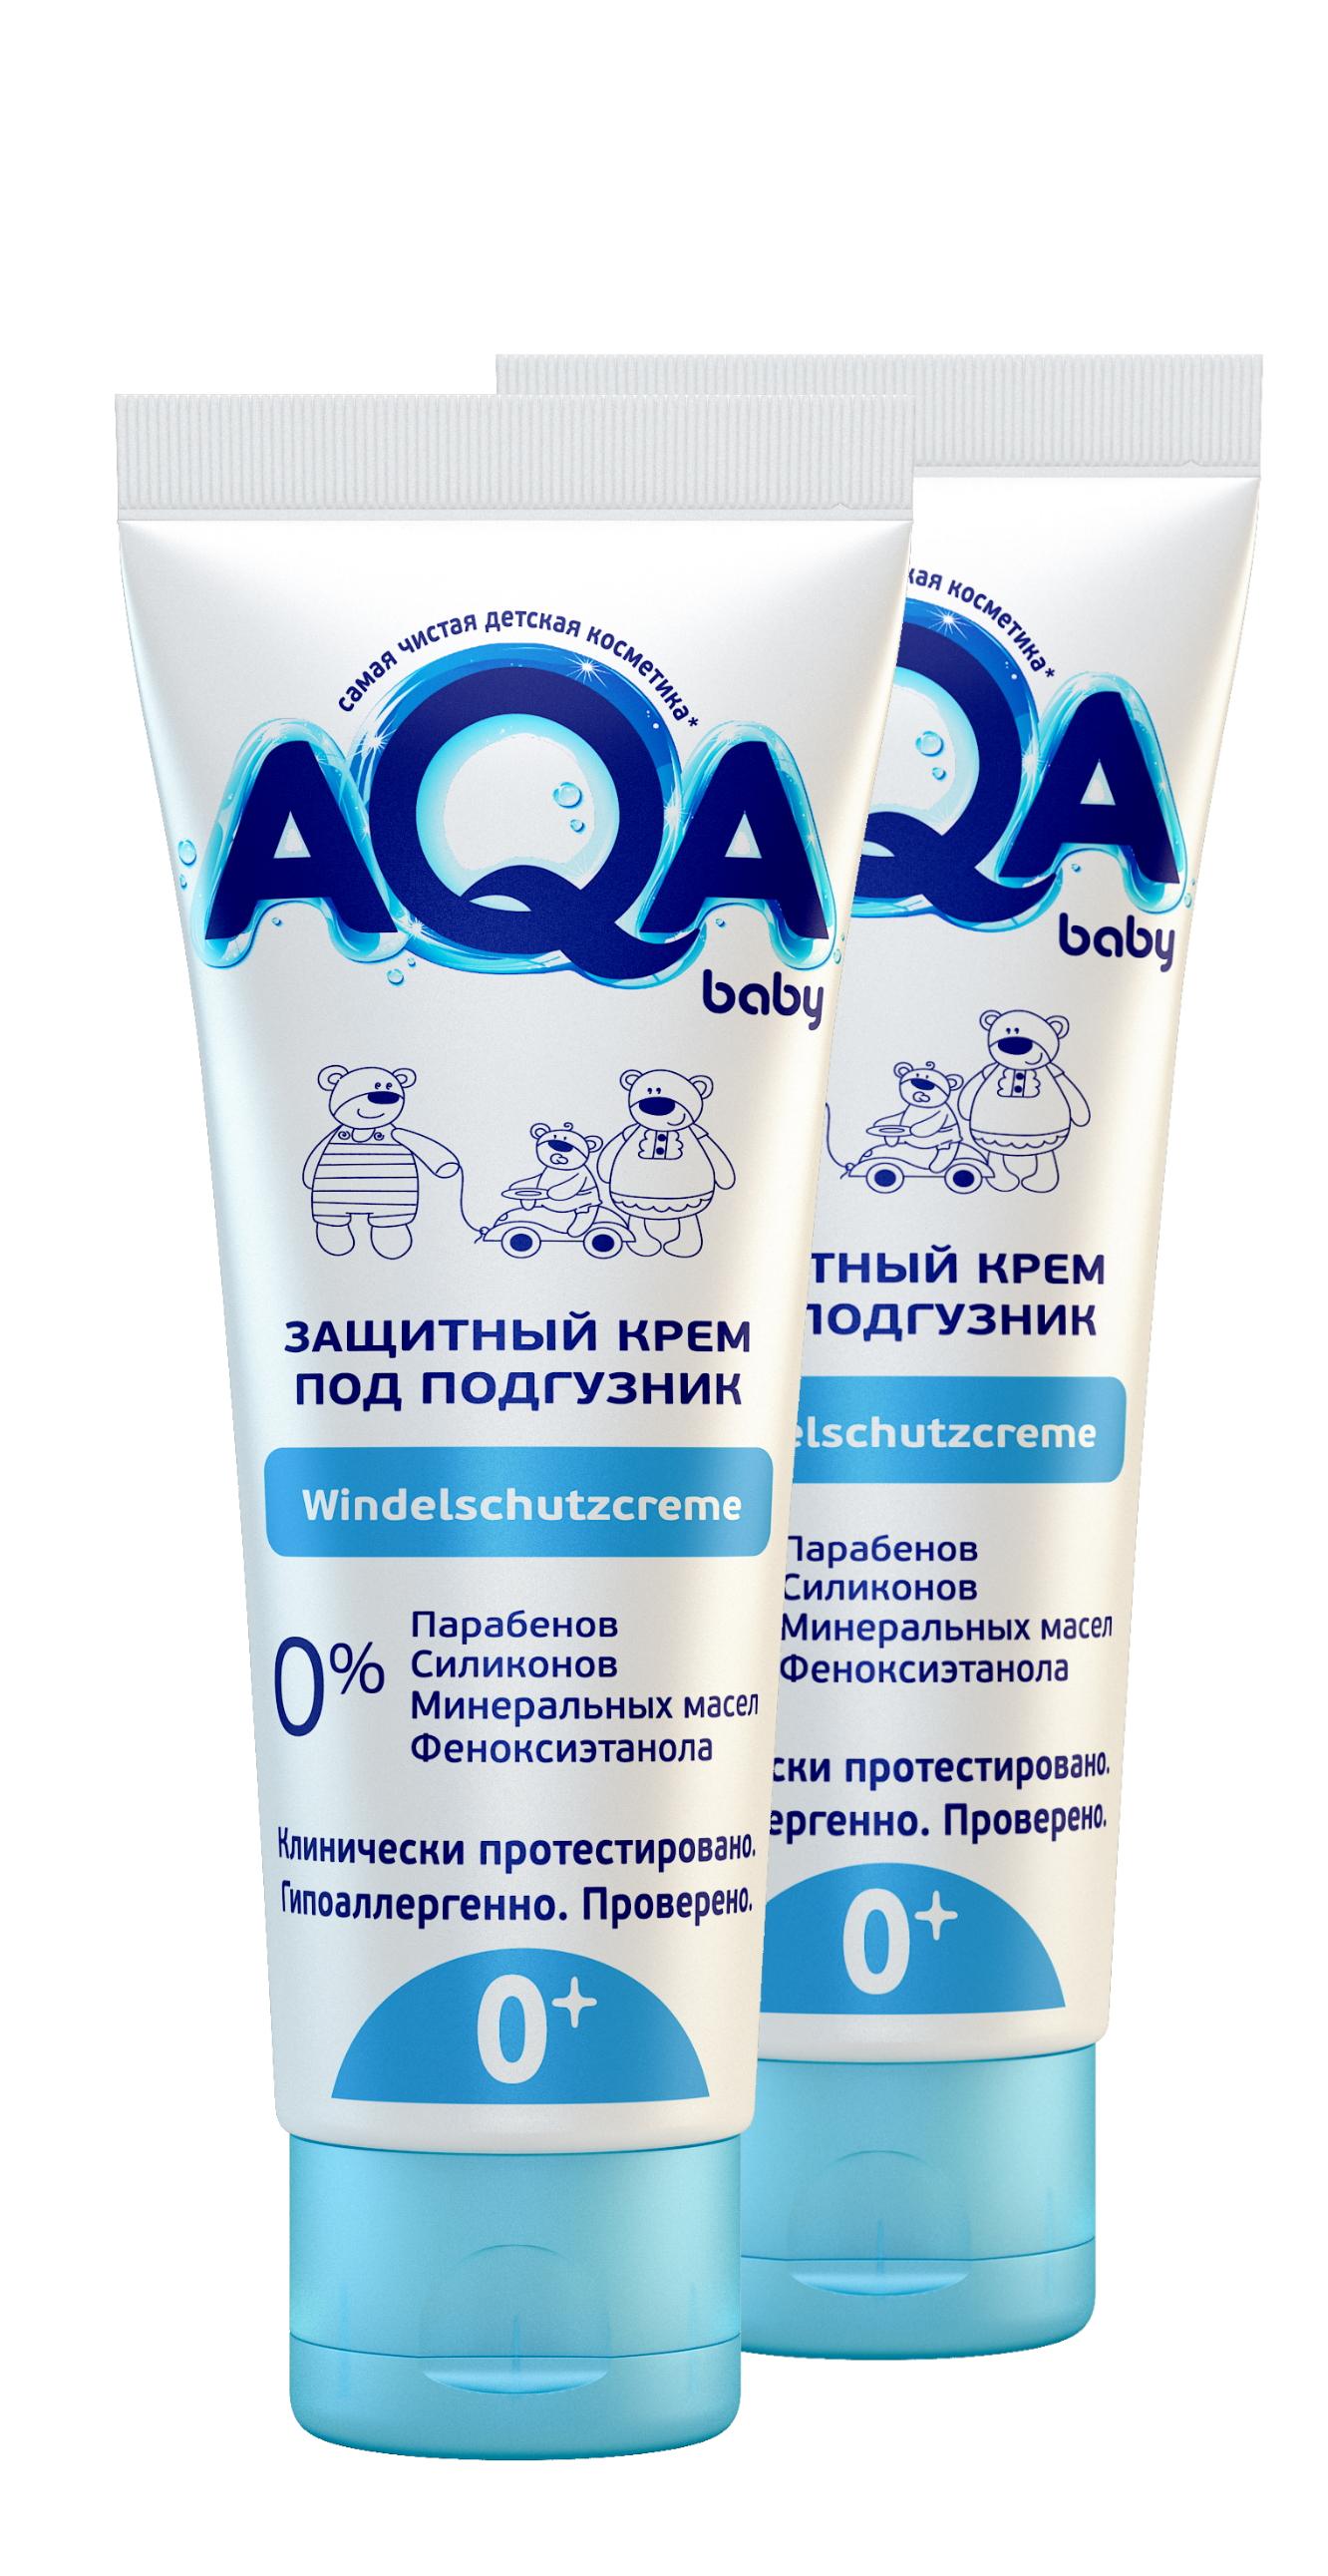 Защитный крем под подгузник AQA baby NEW!